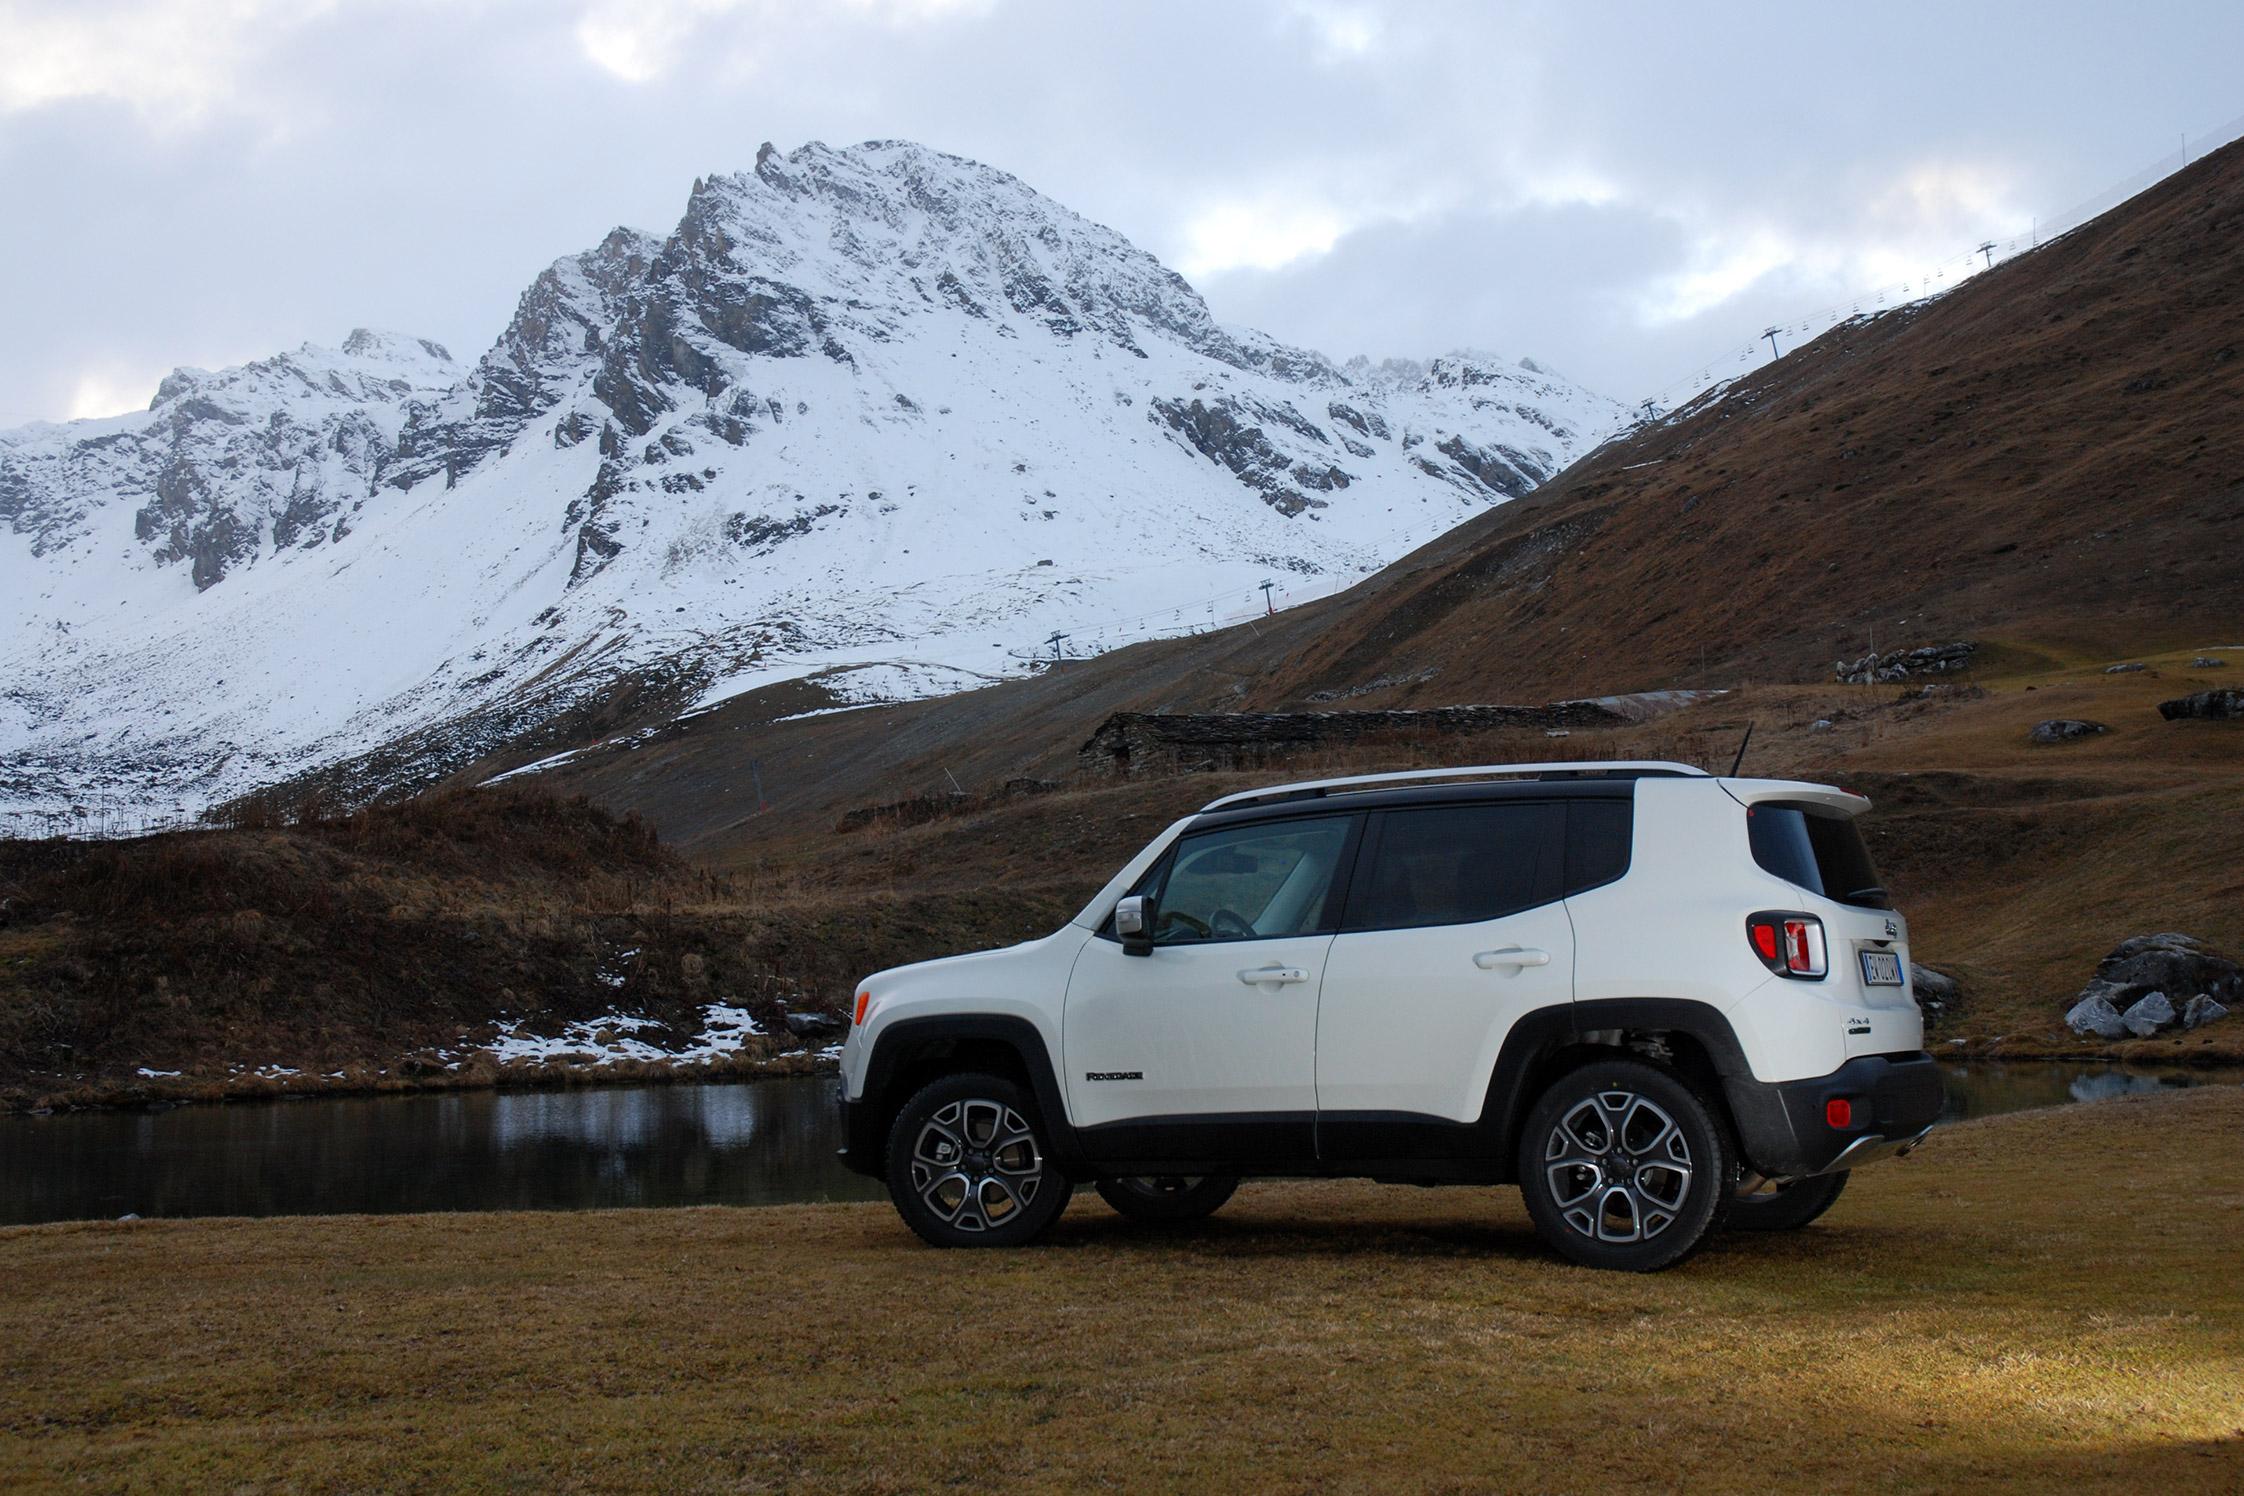 essai voiture jeep renegade